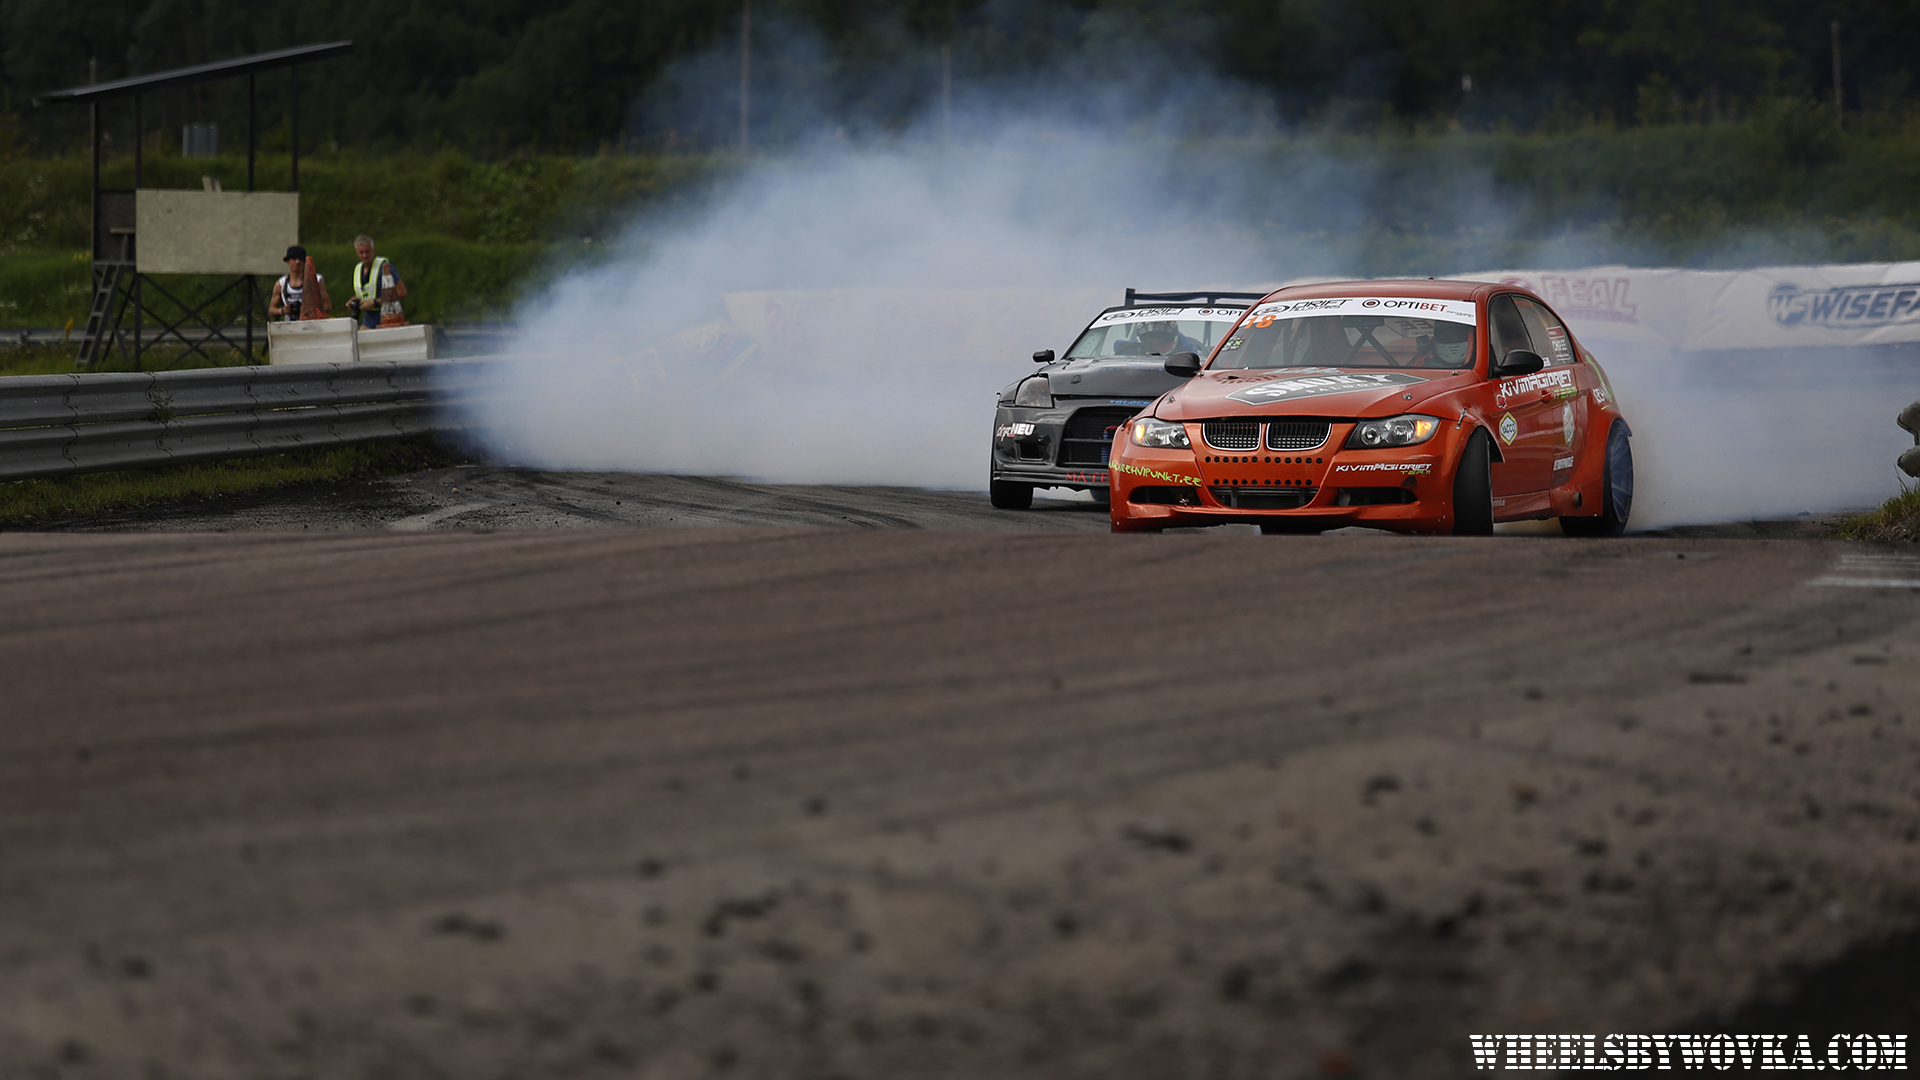 drift-allstars-estonia-wheelsbywovka-vladimir-ljadov-15